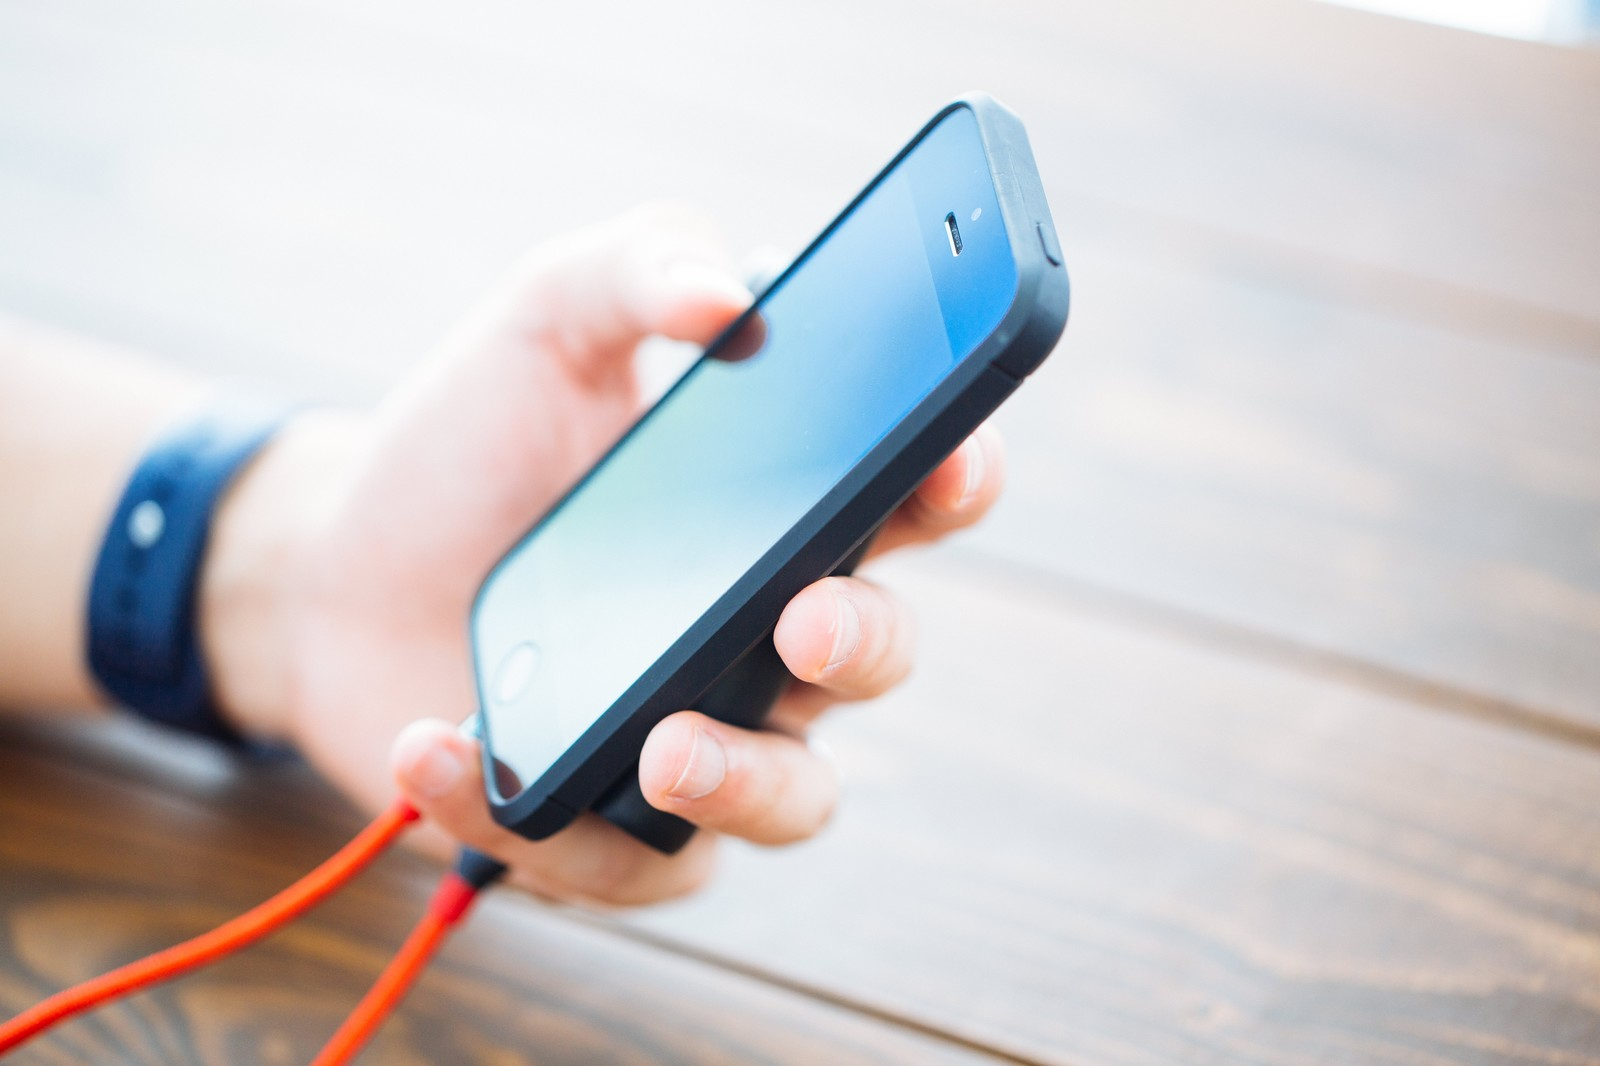 「モバイルバッテリーからチャージしながらスマホを使う」の写真